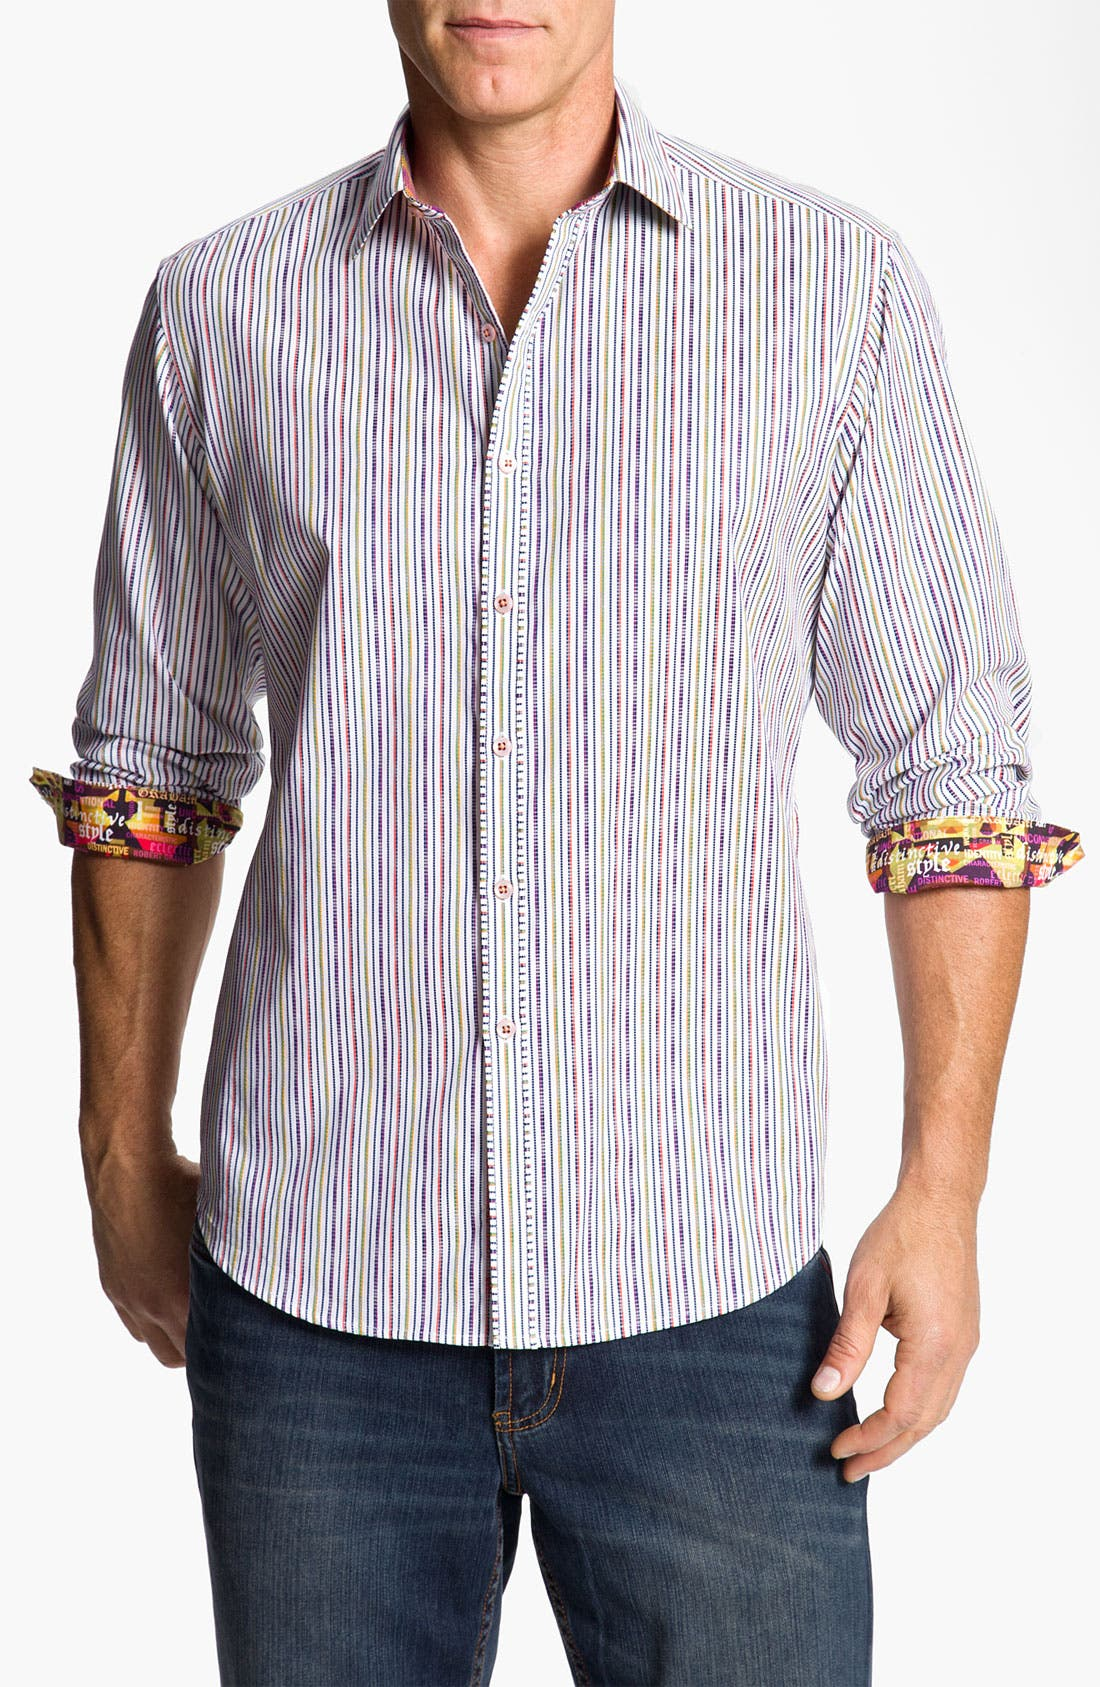 Main Image - Robert Graham 'Lemans' Sport Shirt